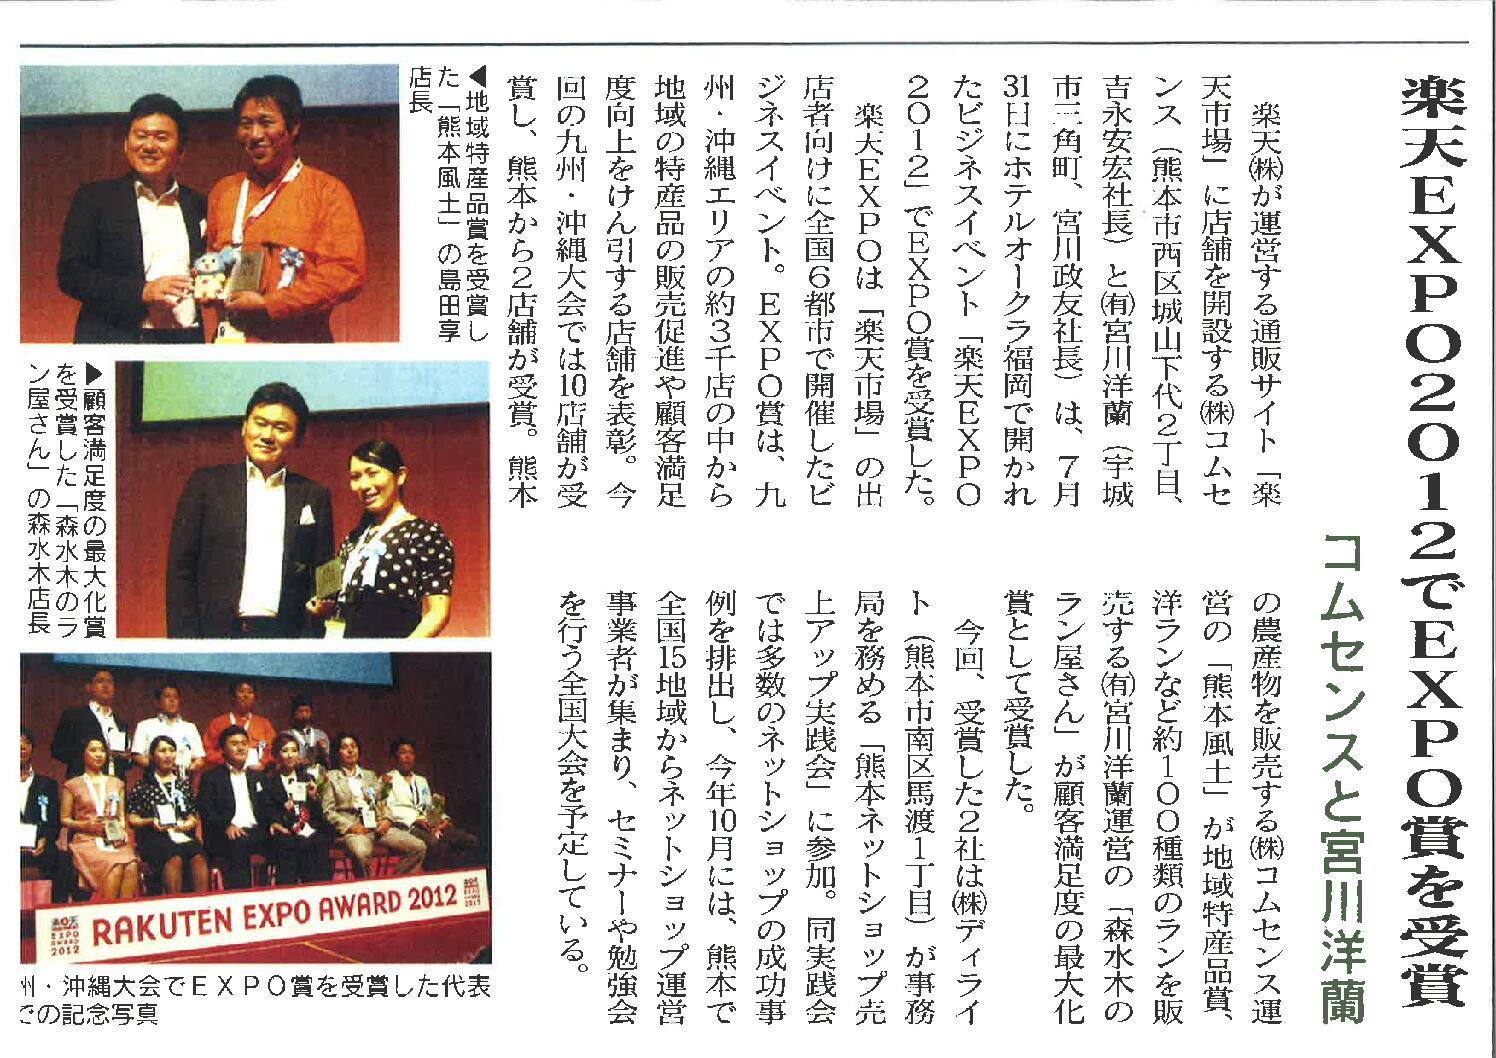 くまもと経済「楽天EXPO賞」について掲載されました!